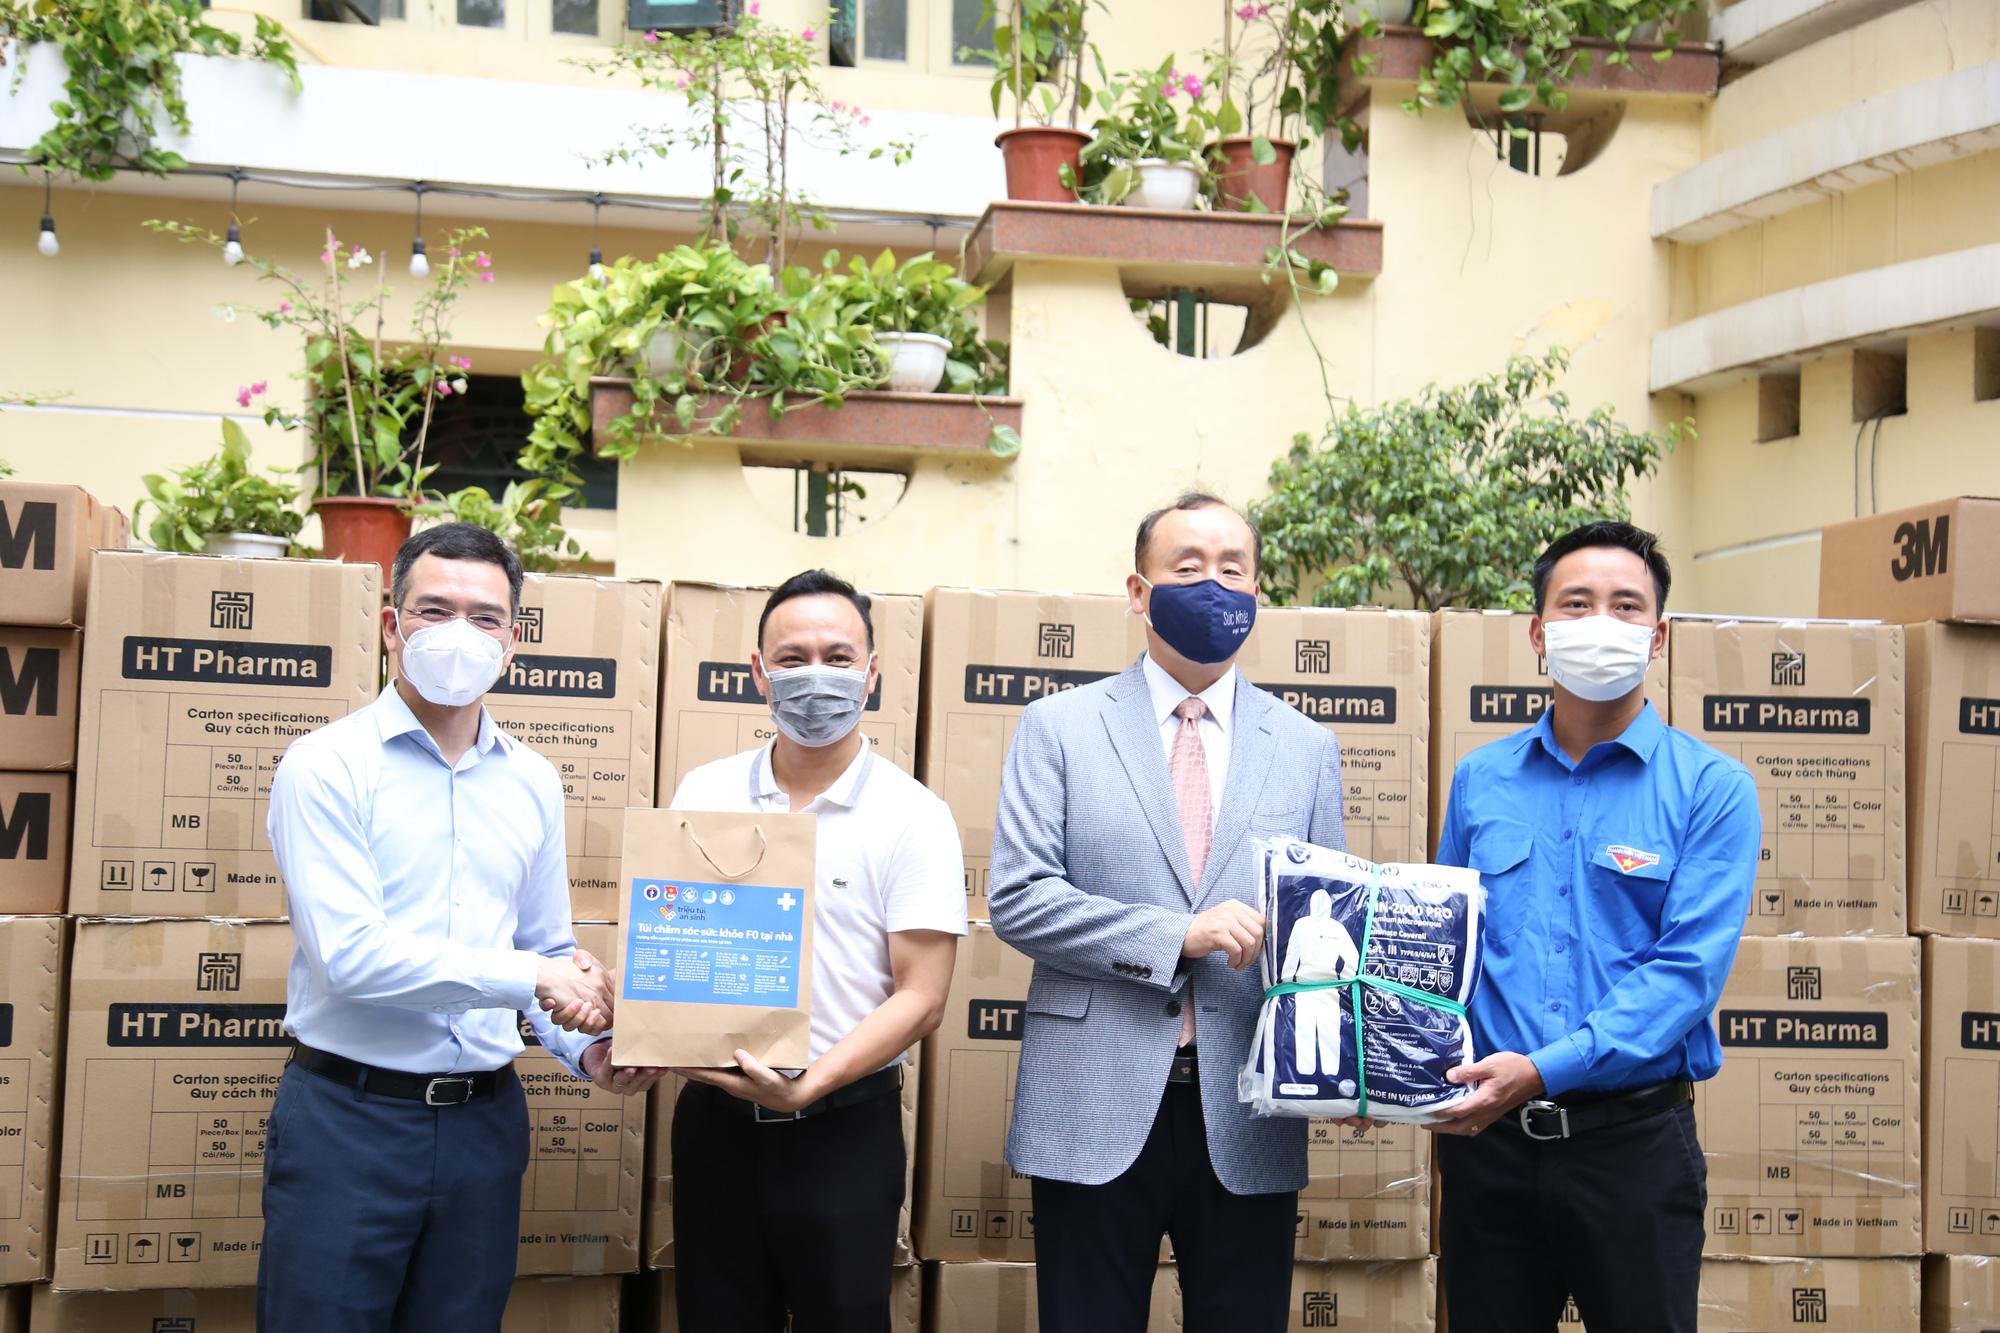 Hội Thầy thuốc trẻ, đại diện WHO tại Việt Nam xuống bếp làm bánh trung thu tặng tuyến đầu chống dịch - Ảnh 13.